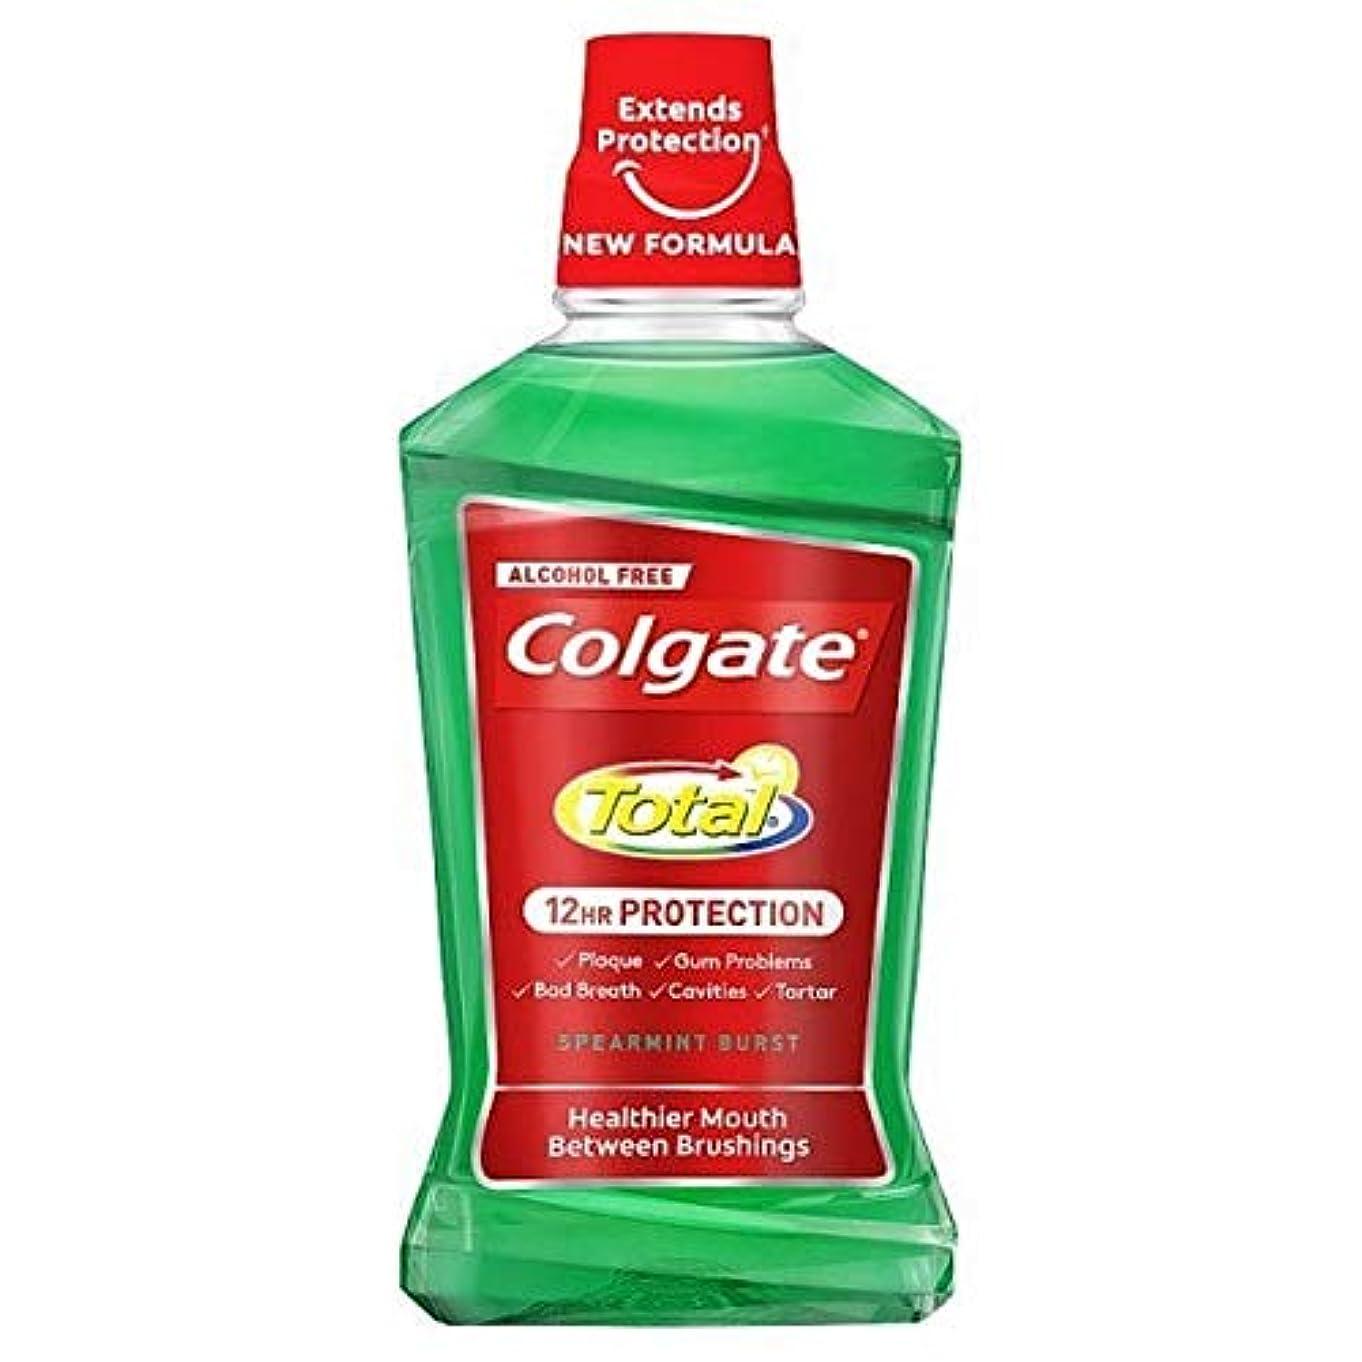 方言凍った人差し指[Colgate ] コルゲートトータルスペアミントバーストマウスウォッシュ500ミリリットル - Colgate Total Spearmint Burst Mouthwash 500ml [並行輸入品]